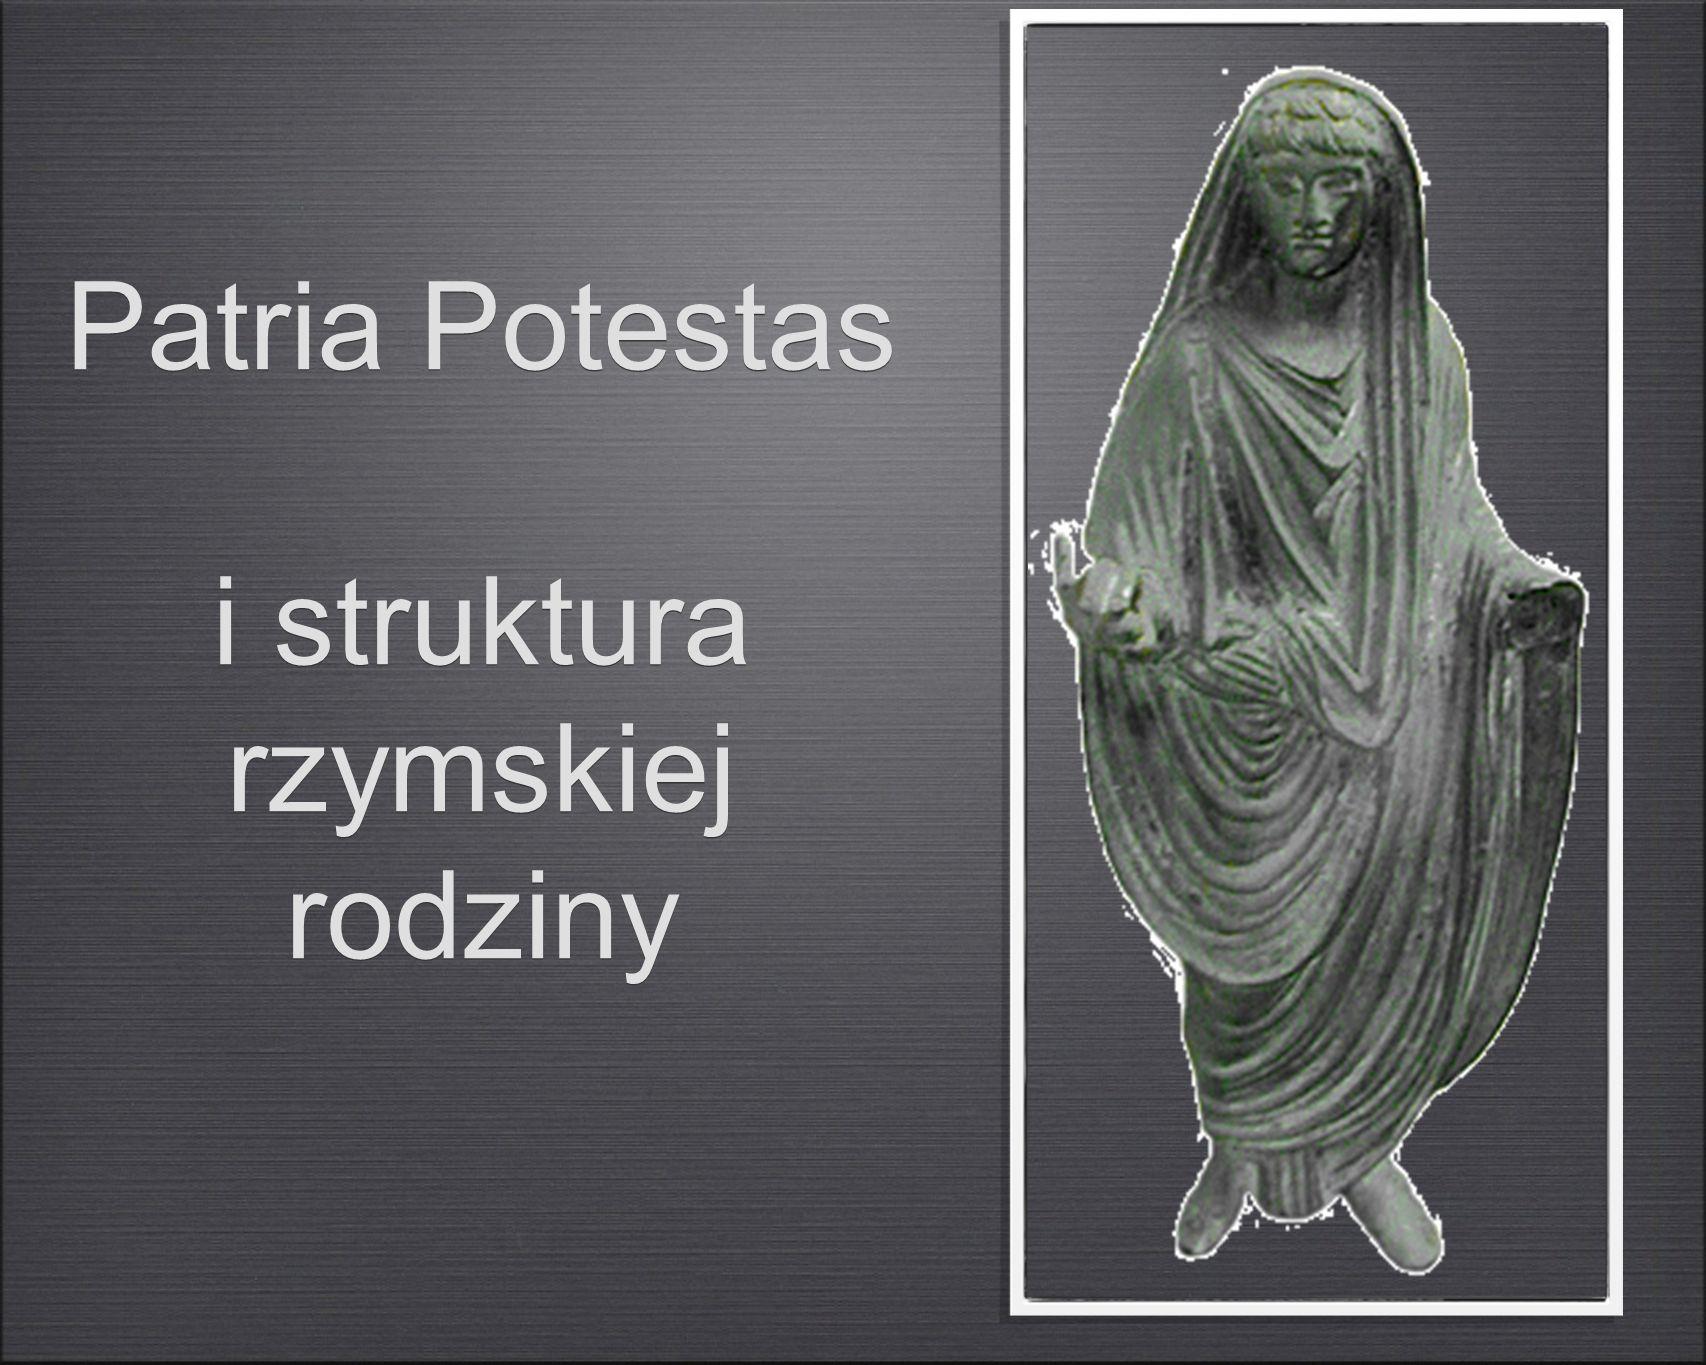 Patria Potestas i struktura rzymskiej rodziny